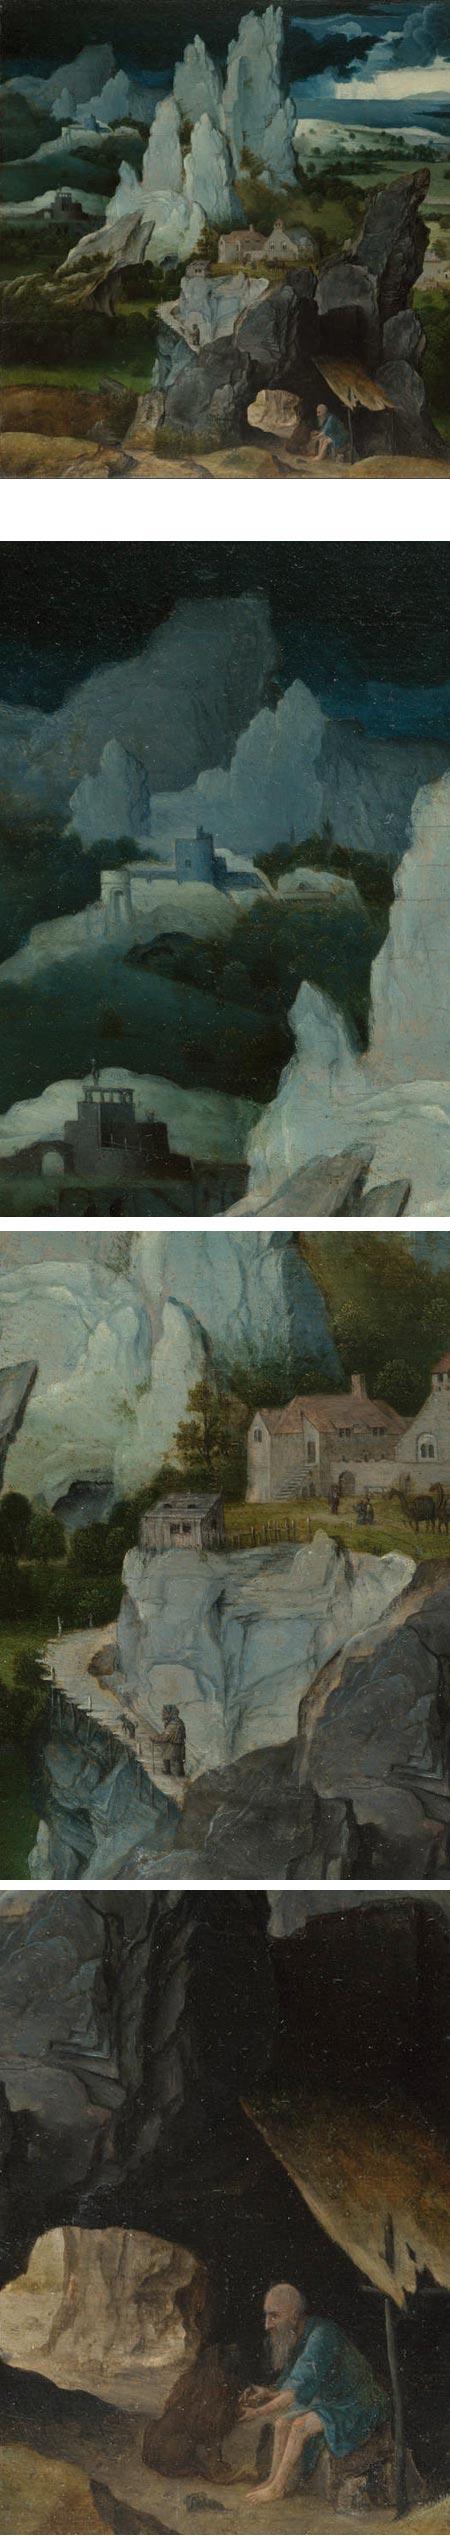 St Jerome in Rocky Landscape, workshop of Joachim Patinir